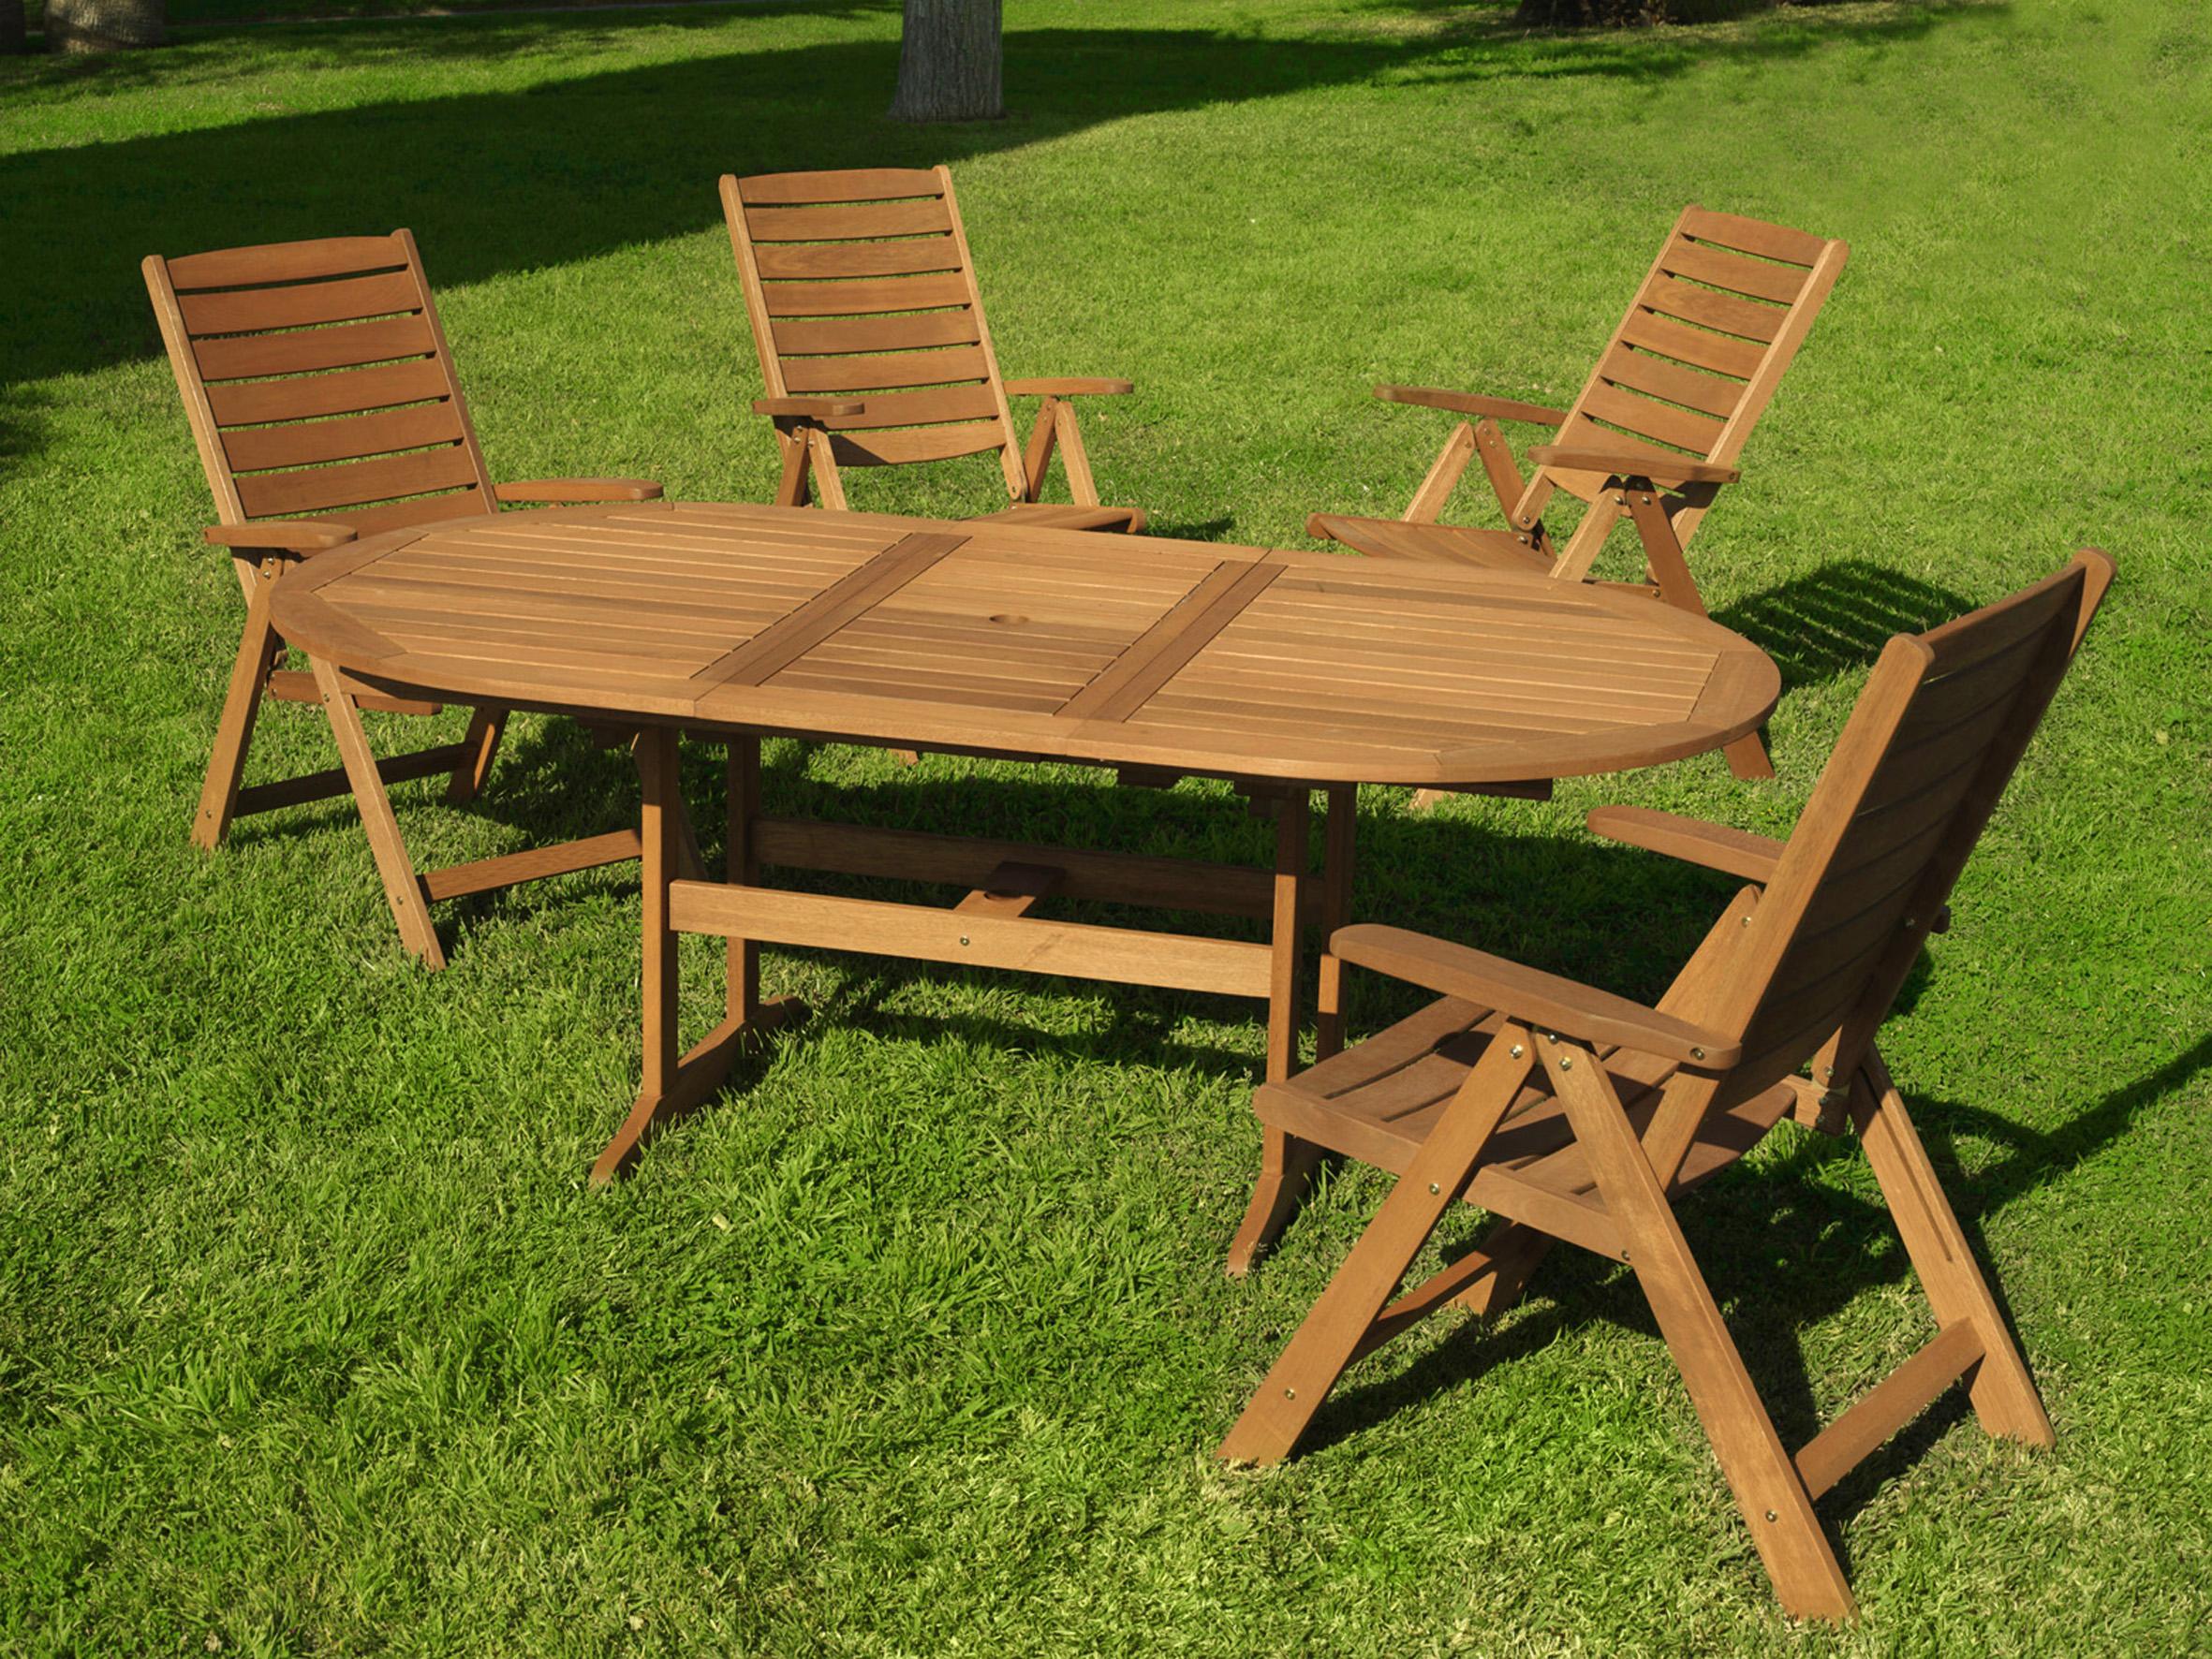 Mobiliario para exterior mesas y sillas generico conjunto for Conjunto mesa y sillas exterior